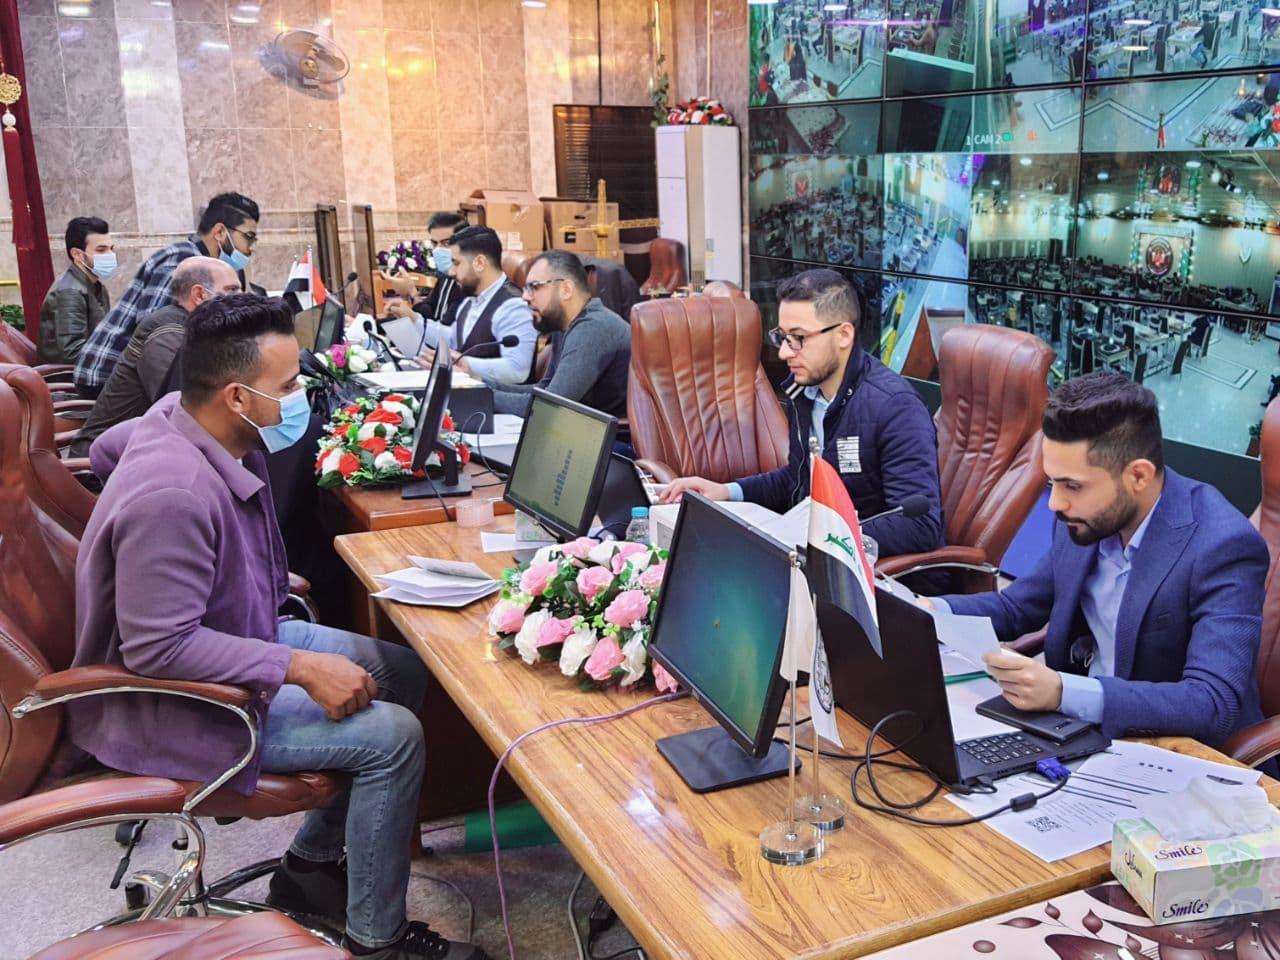 يتواصل طلبة المرحلة الأولى بالتسجيل في كلية شط العرب الجامعة